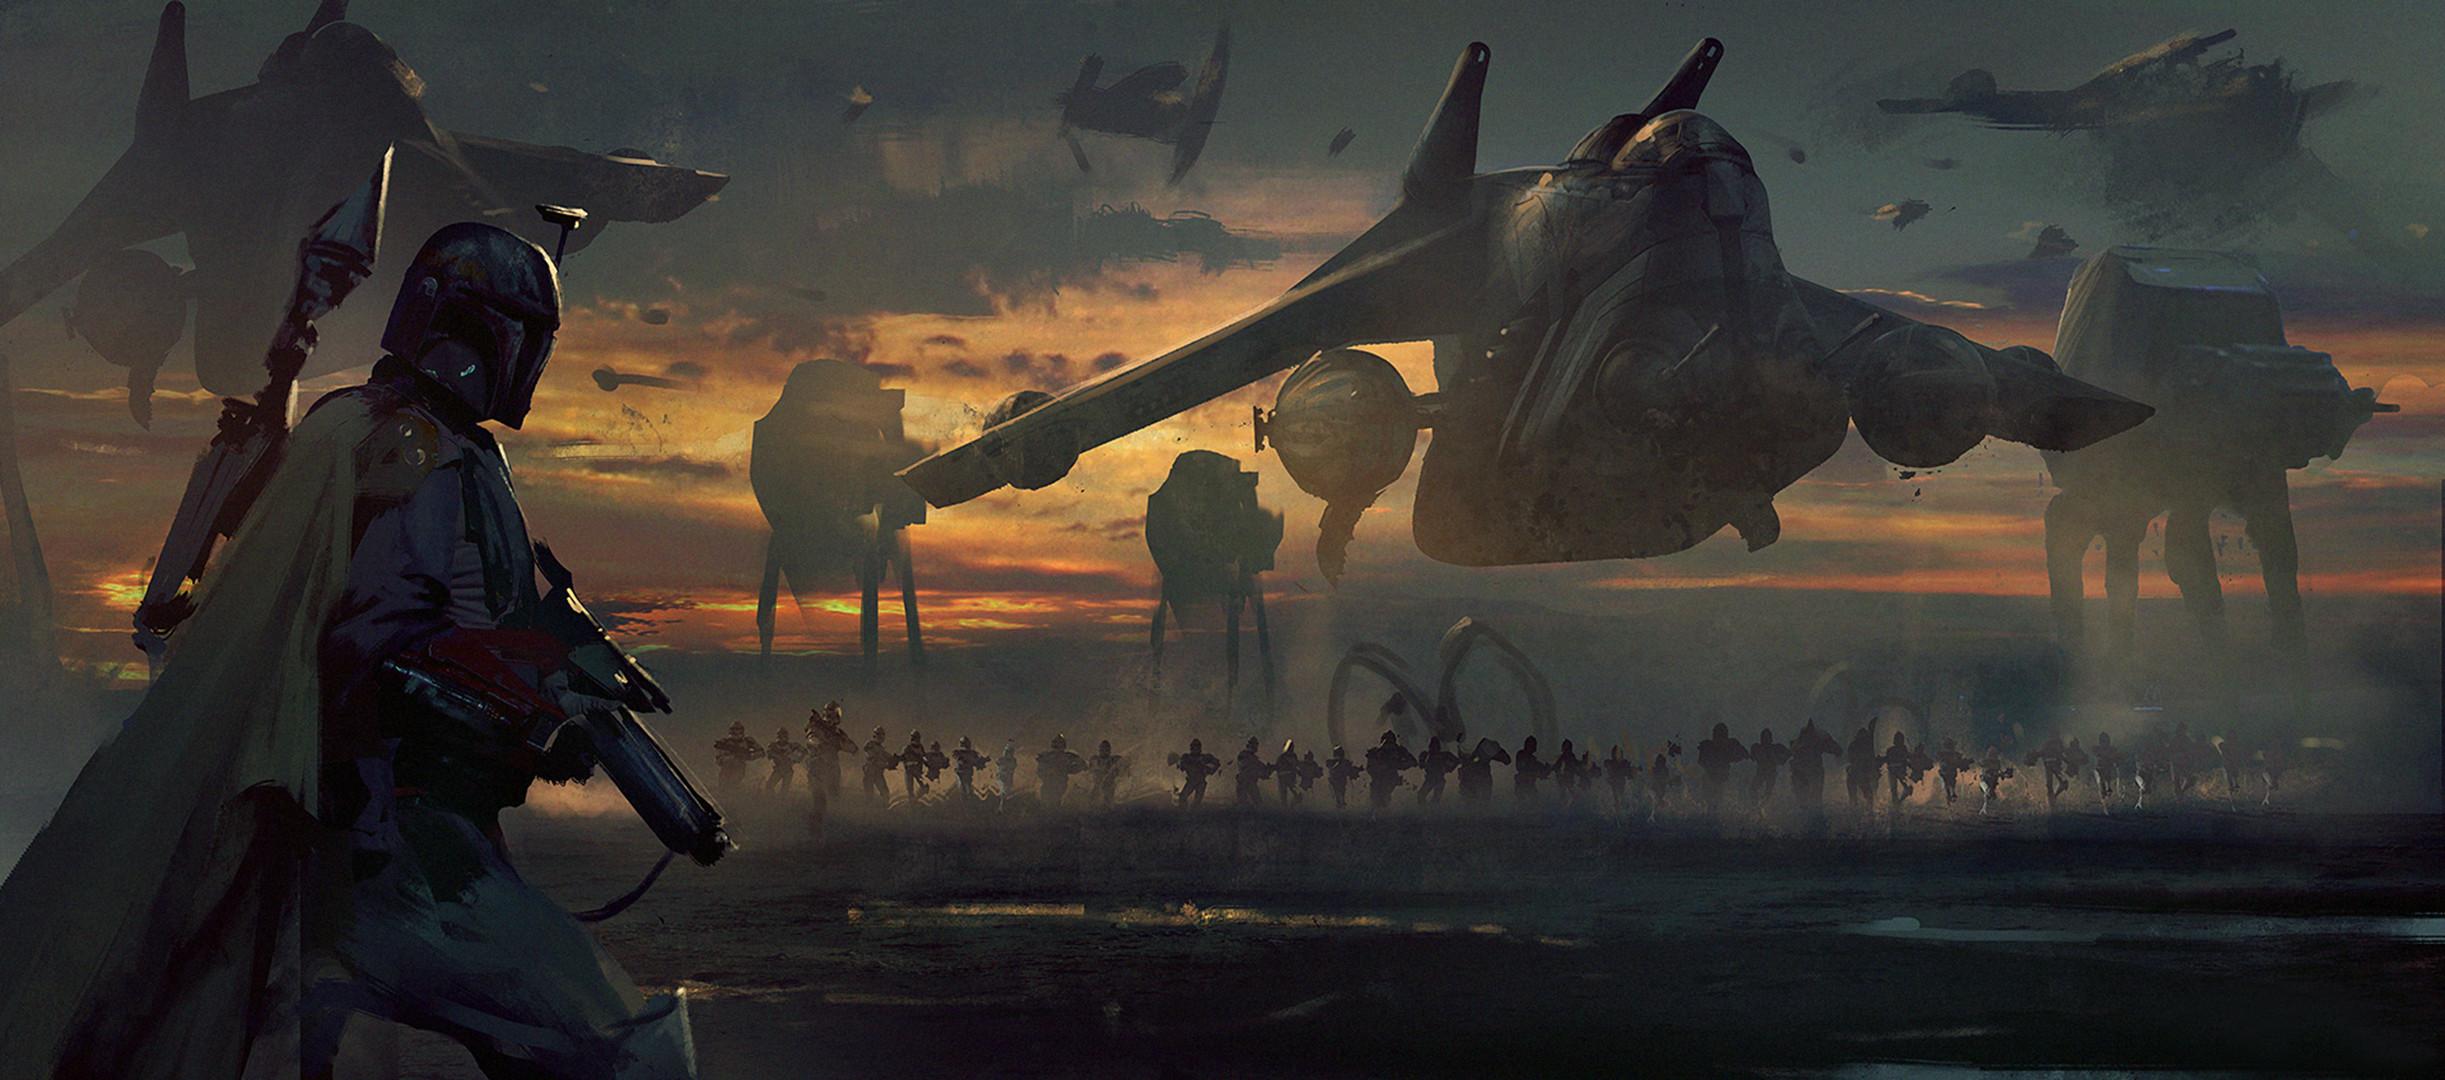 Star Wars Mandalorian Wallpaper 76 Images